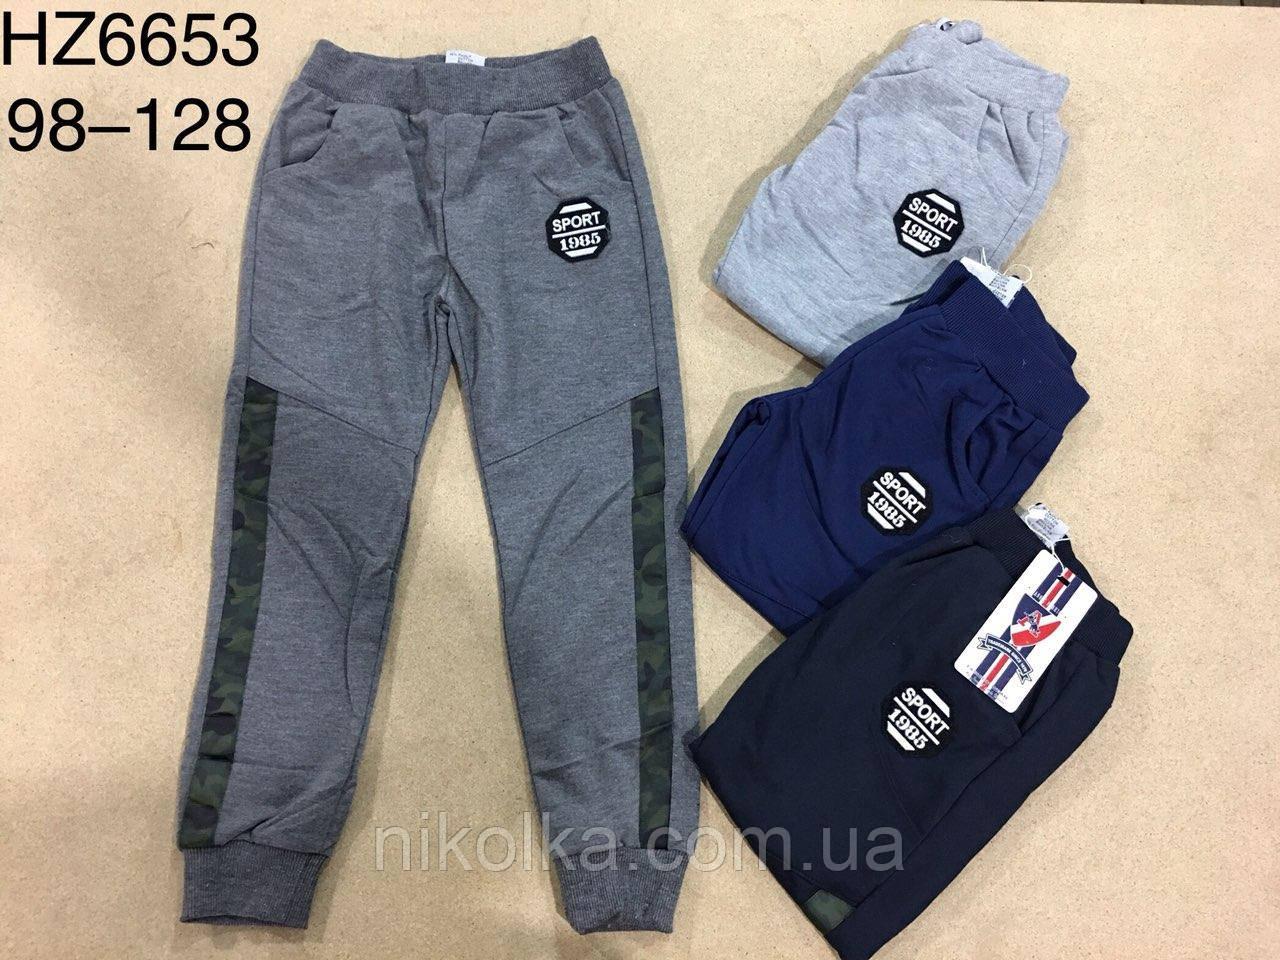 Спортивные брюки для мальчика оптом, Active Sport, 98-128 рр., арт. HZ-6653